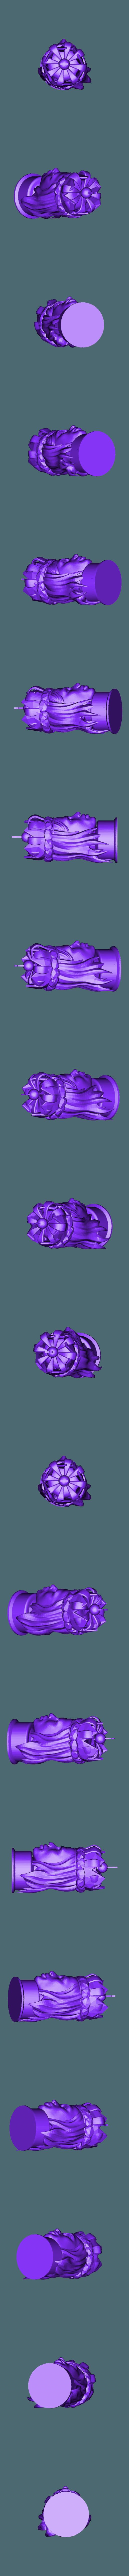 King Head.obj Télécharger fichier OBJ gratuit Bust King  • Design à imprimer en 3D, ryad36